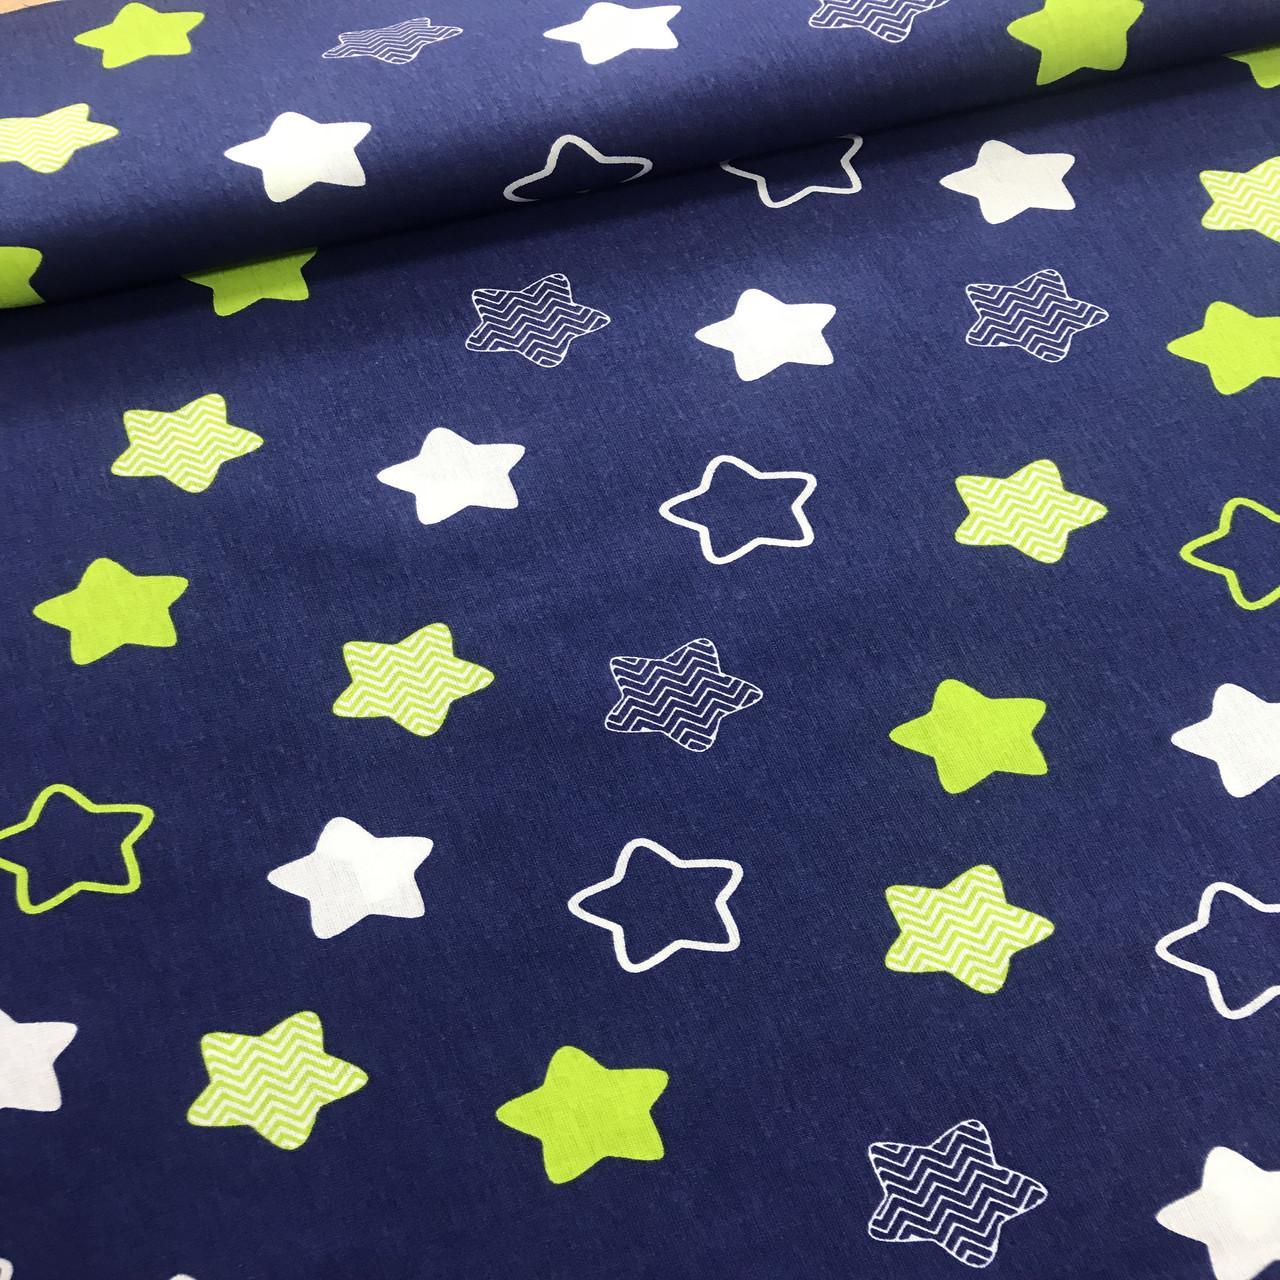 Бавовняна тканина бязь зірки (пряники) білі, блакитні, сині з зигзагами всередині на синьому